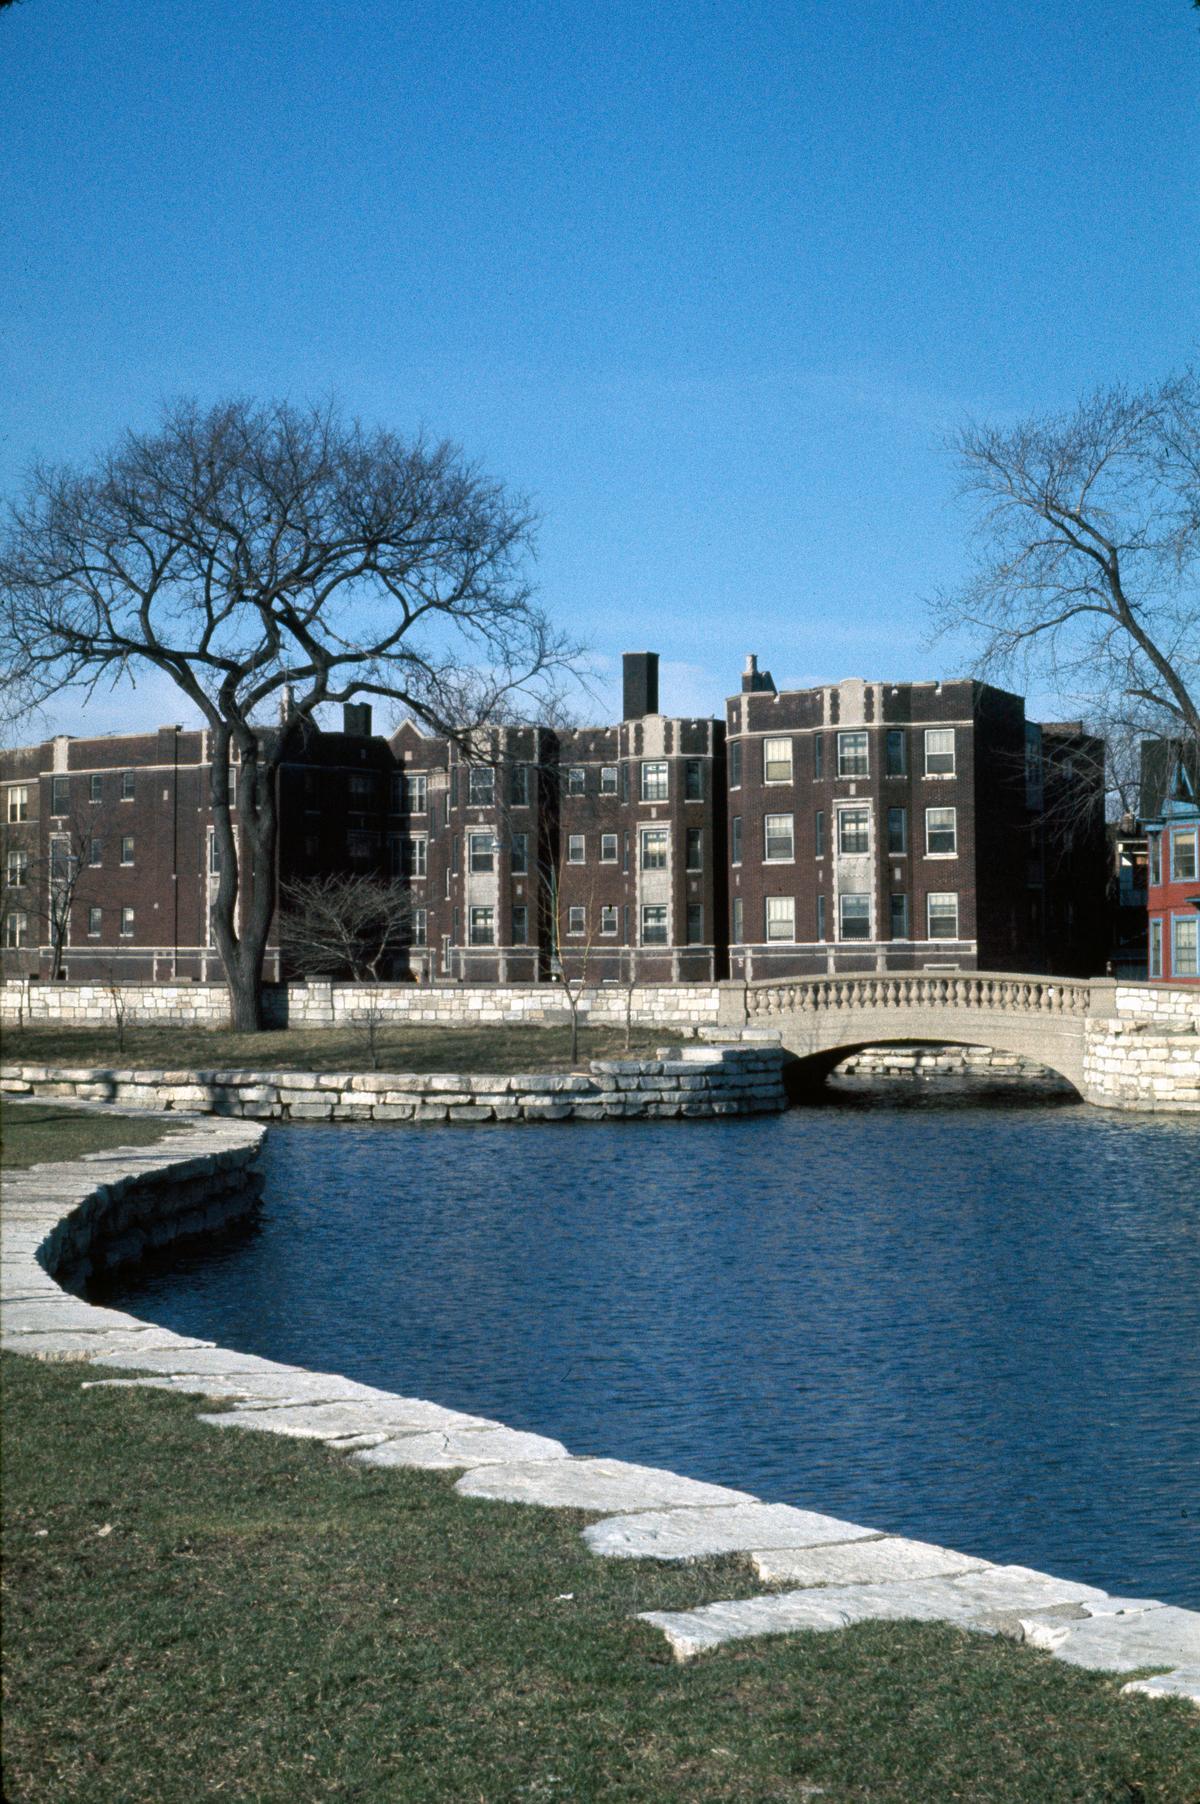 Auburn Park lagoon and apartment building